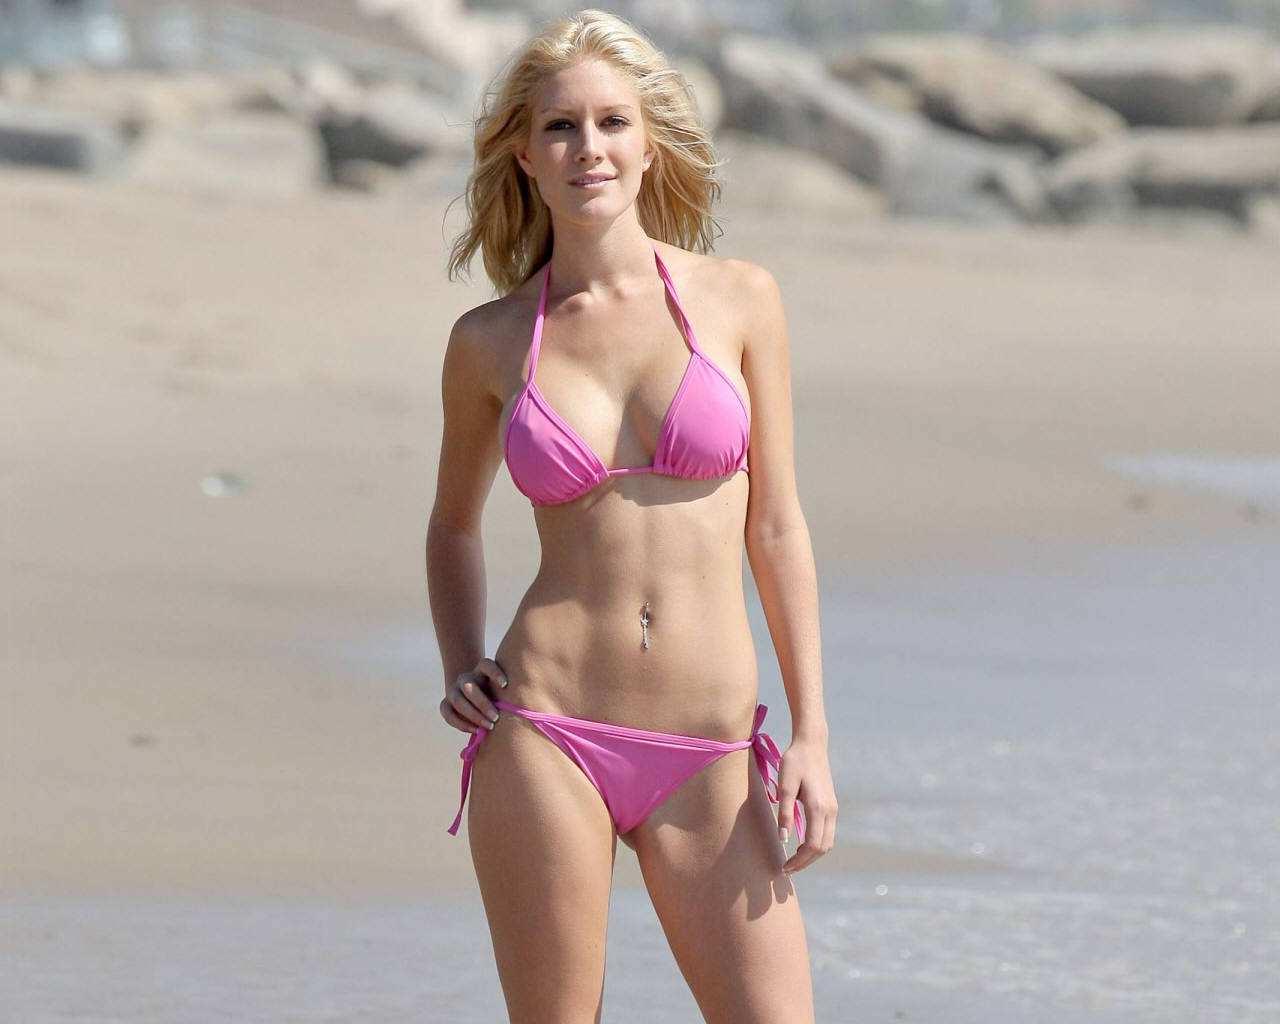 What Heidi montag bikini